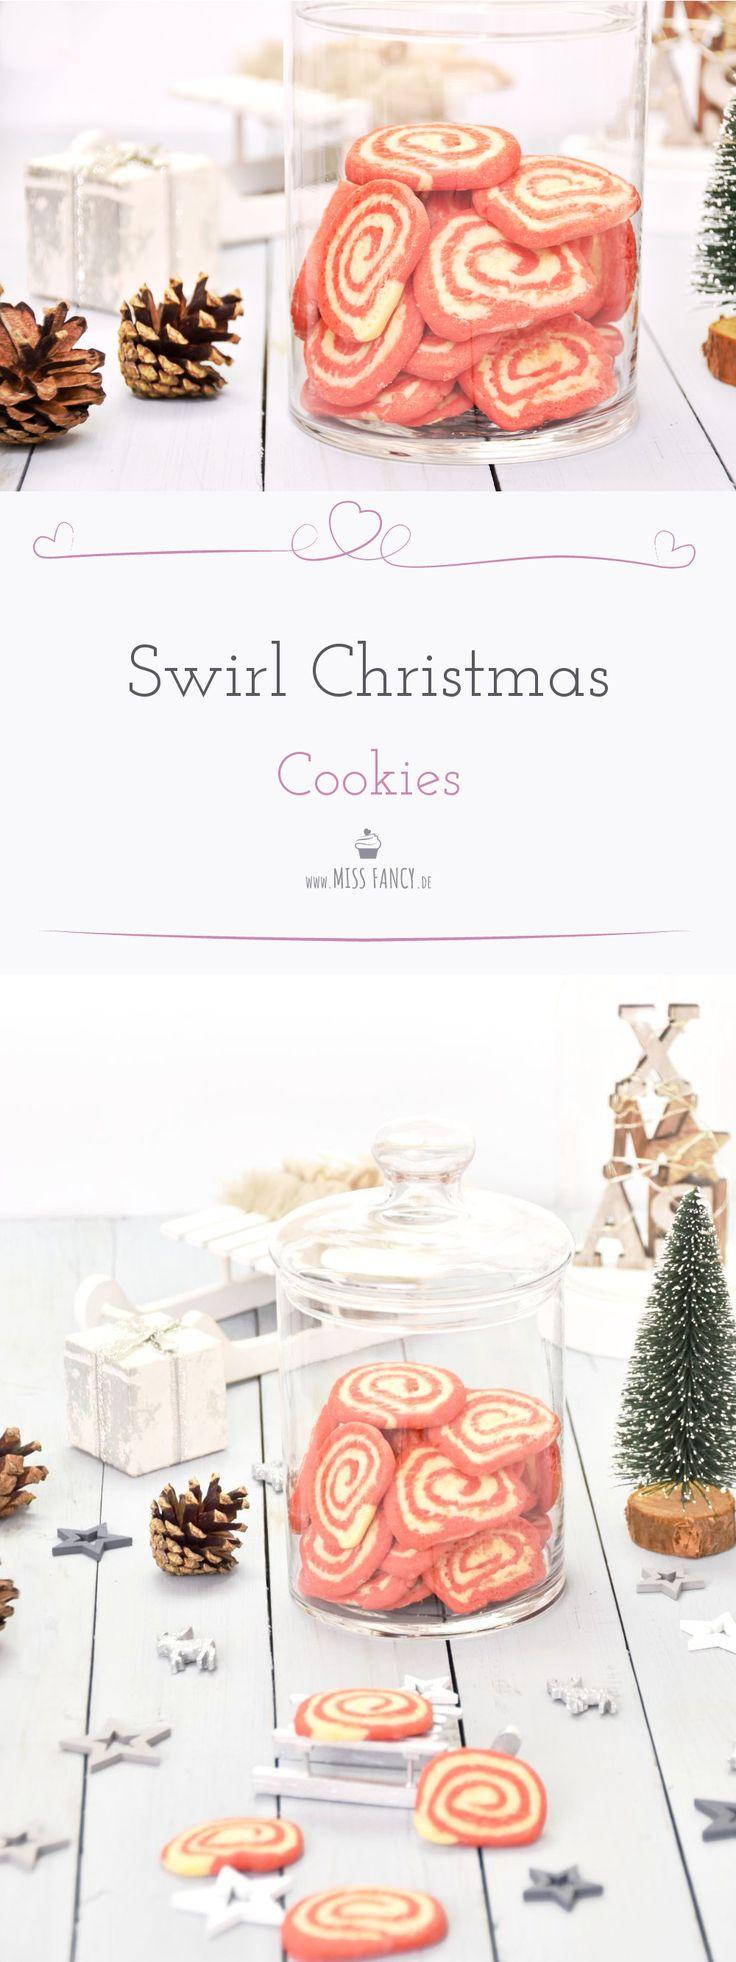 Diese lustigen Nikolaus Cookies passen perfekt zur Weihnachtszeit. So  einfach und leicht nachzumachen :) #christmascookies #pinnweel #plätzchen #weihnachtsplätzchen